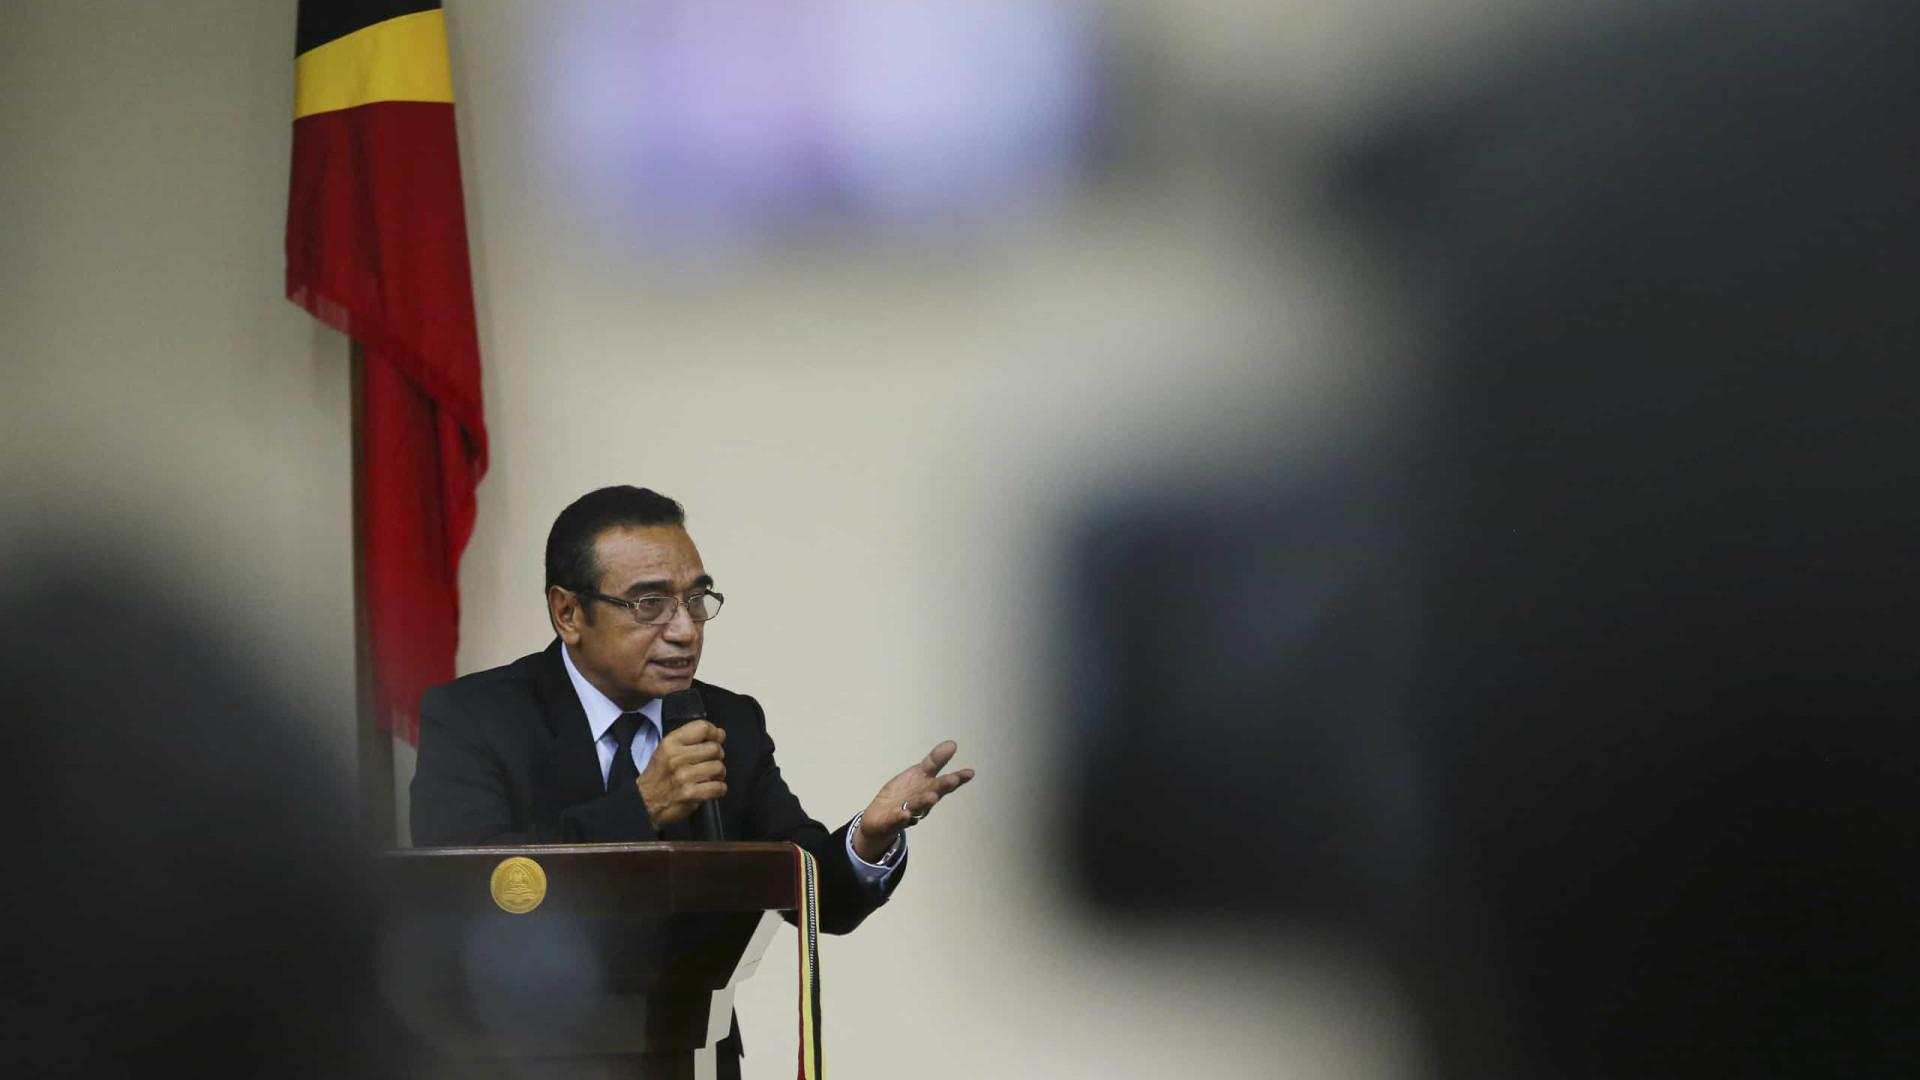 PR timorense cancela participação na Assembleia-Geral da ONU